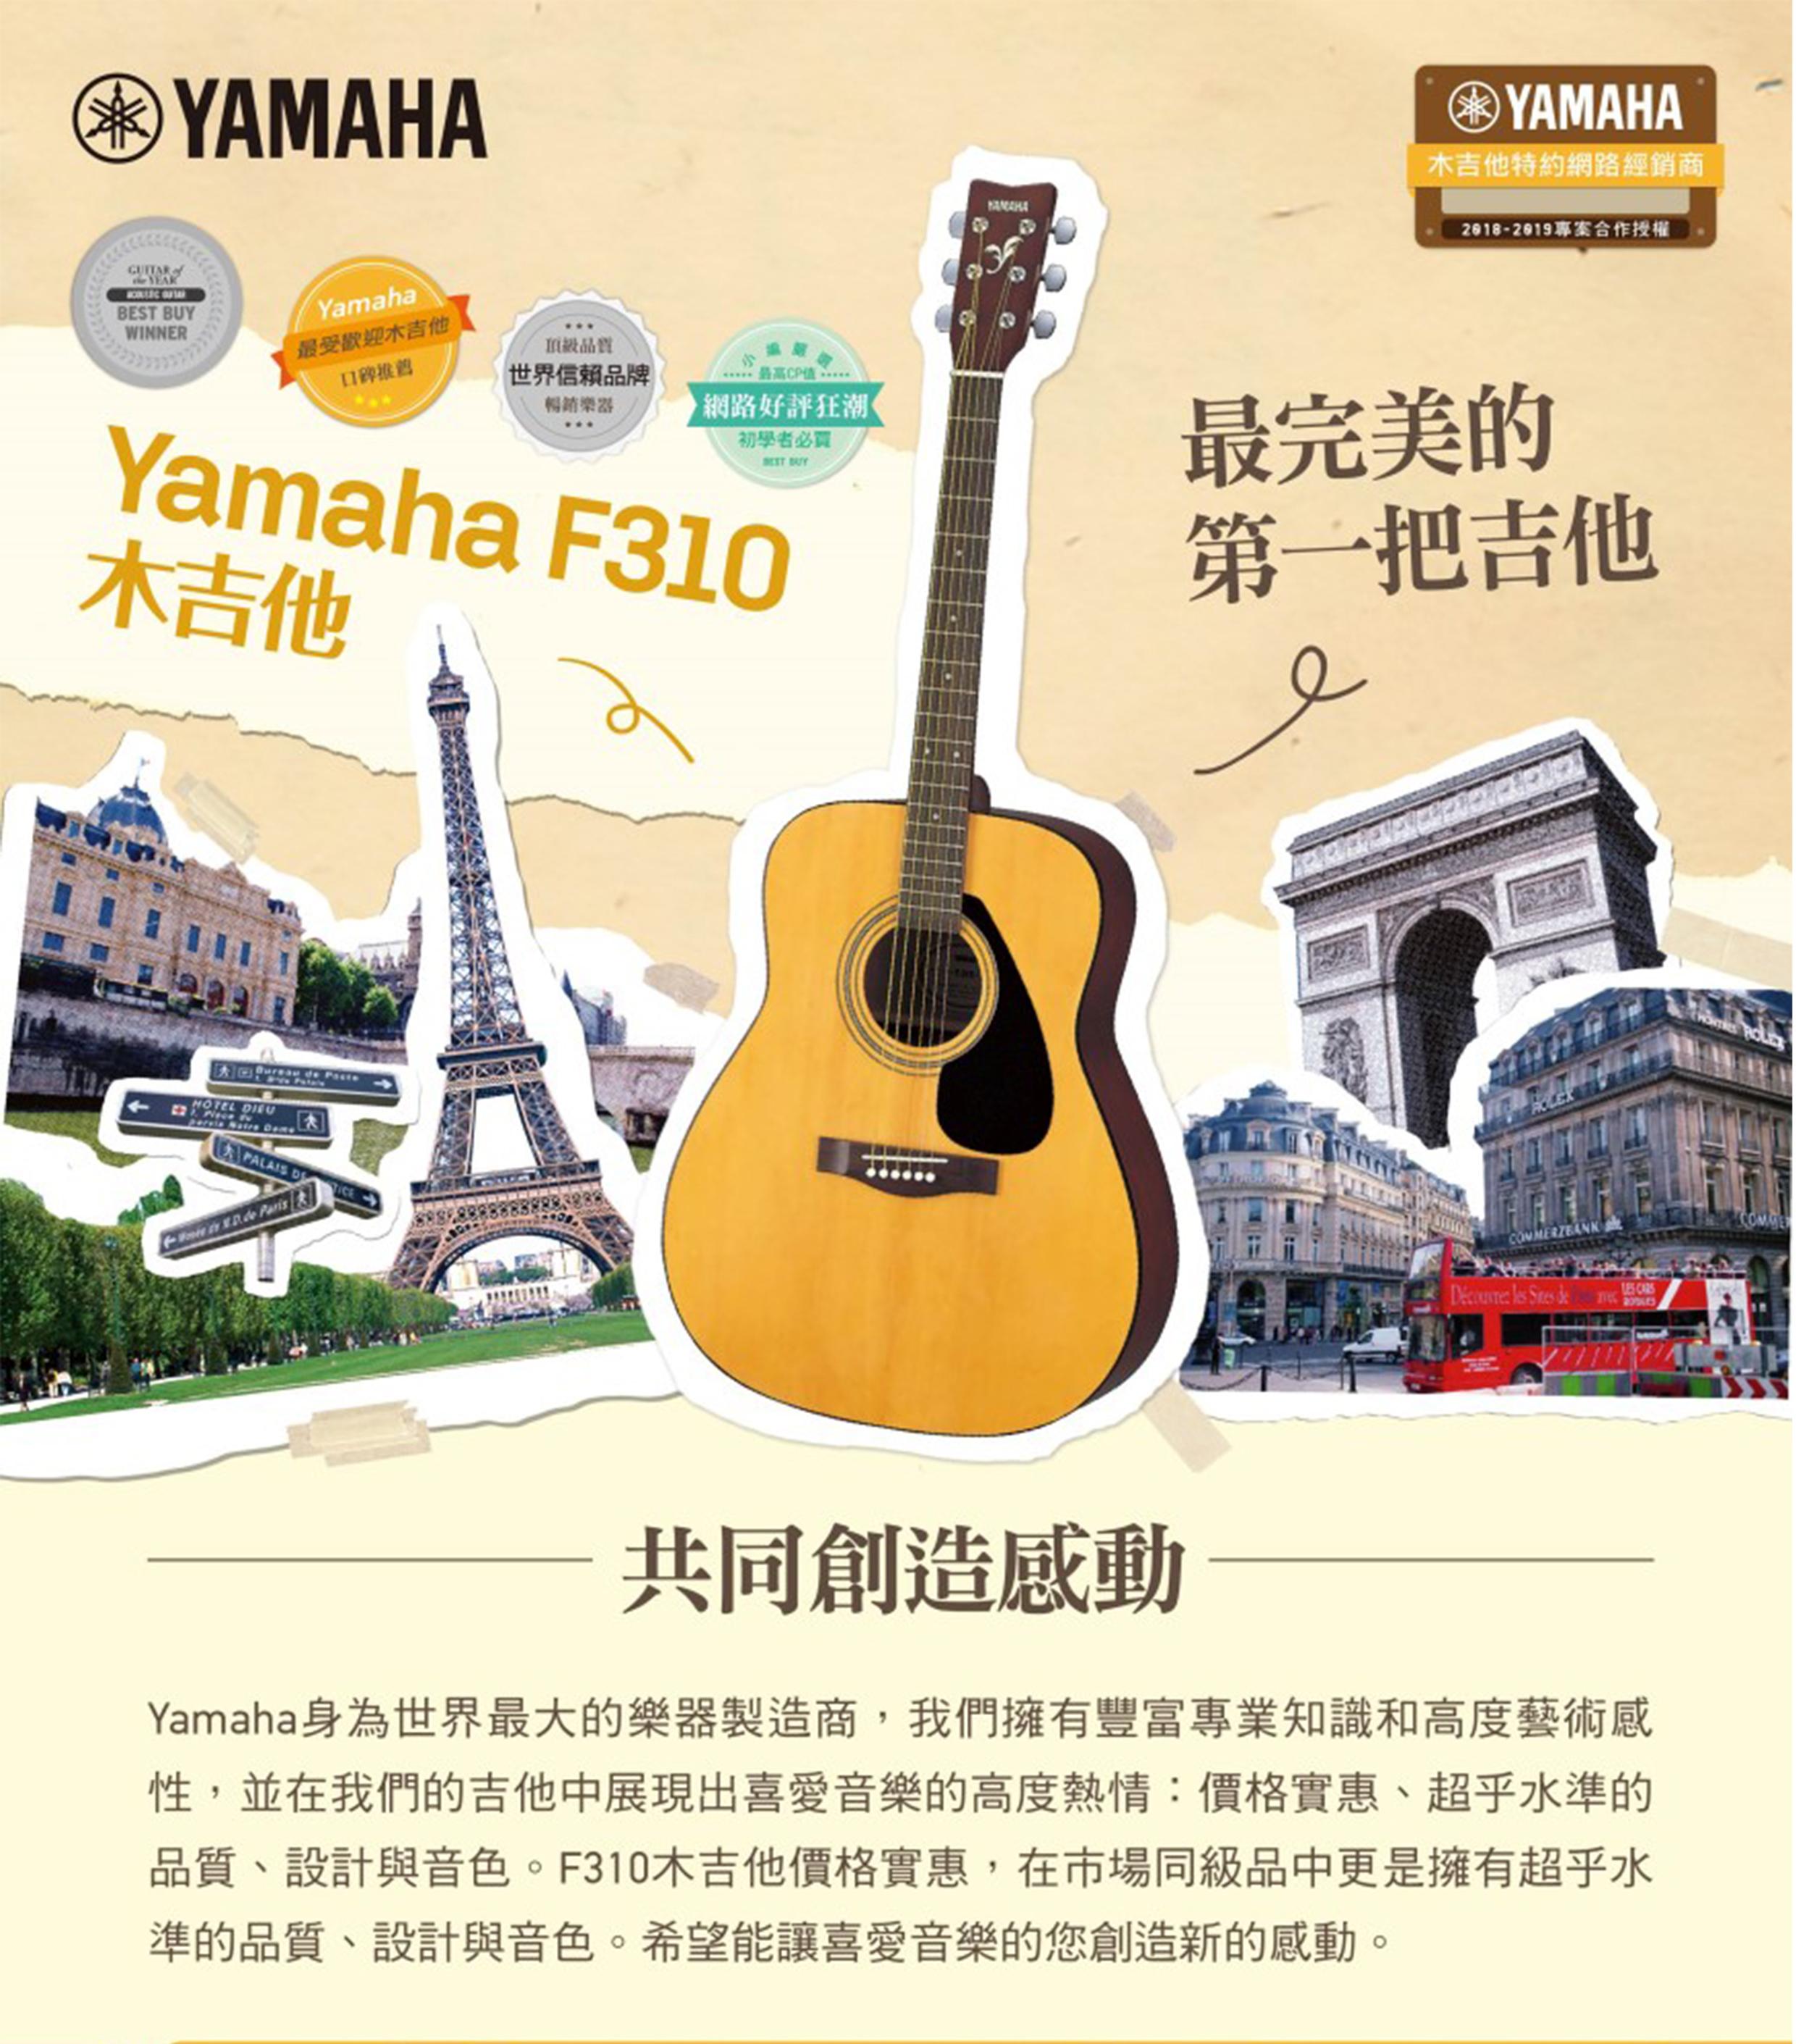 【非凡樂器】YAMAHA F310/木吉他/漸層色/初學者推薦款/公司貨保固